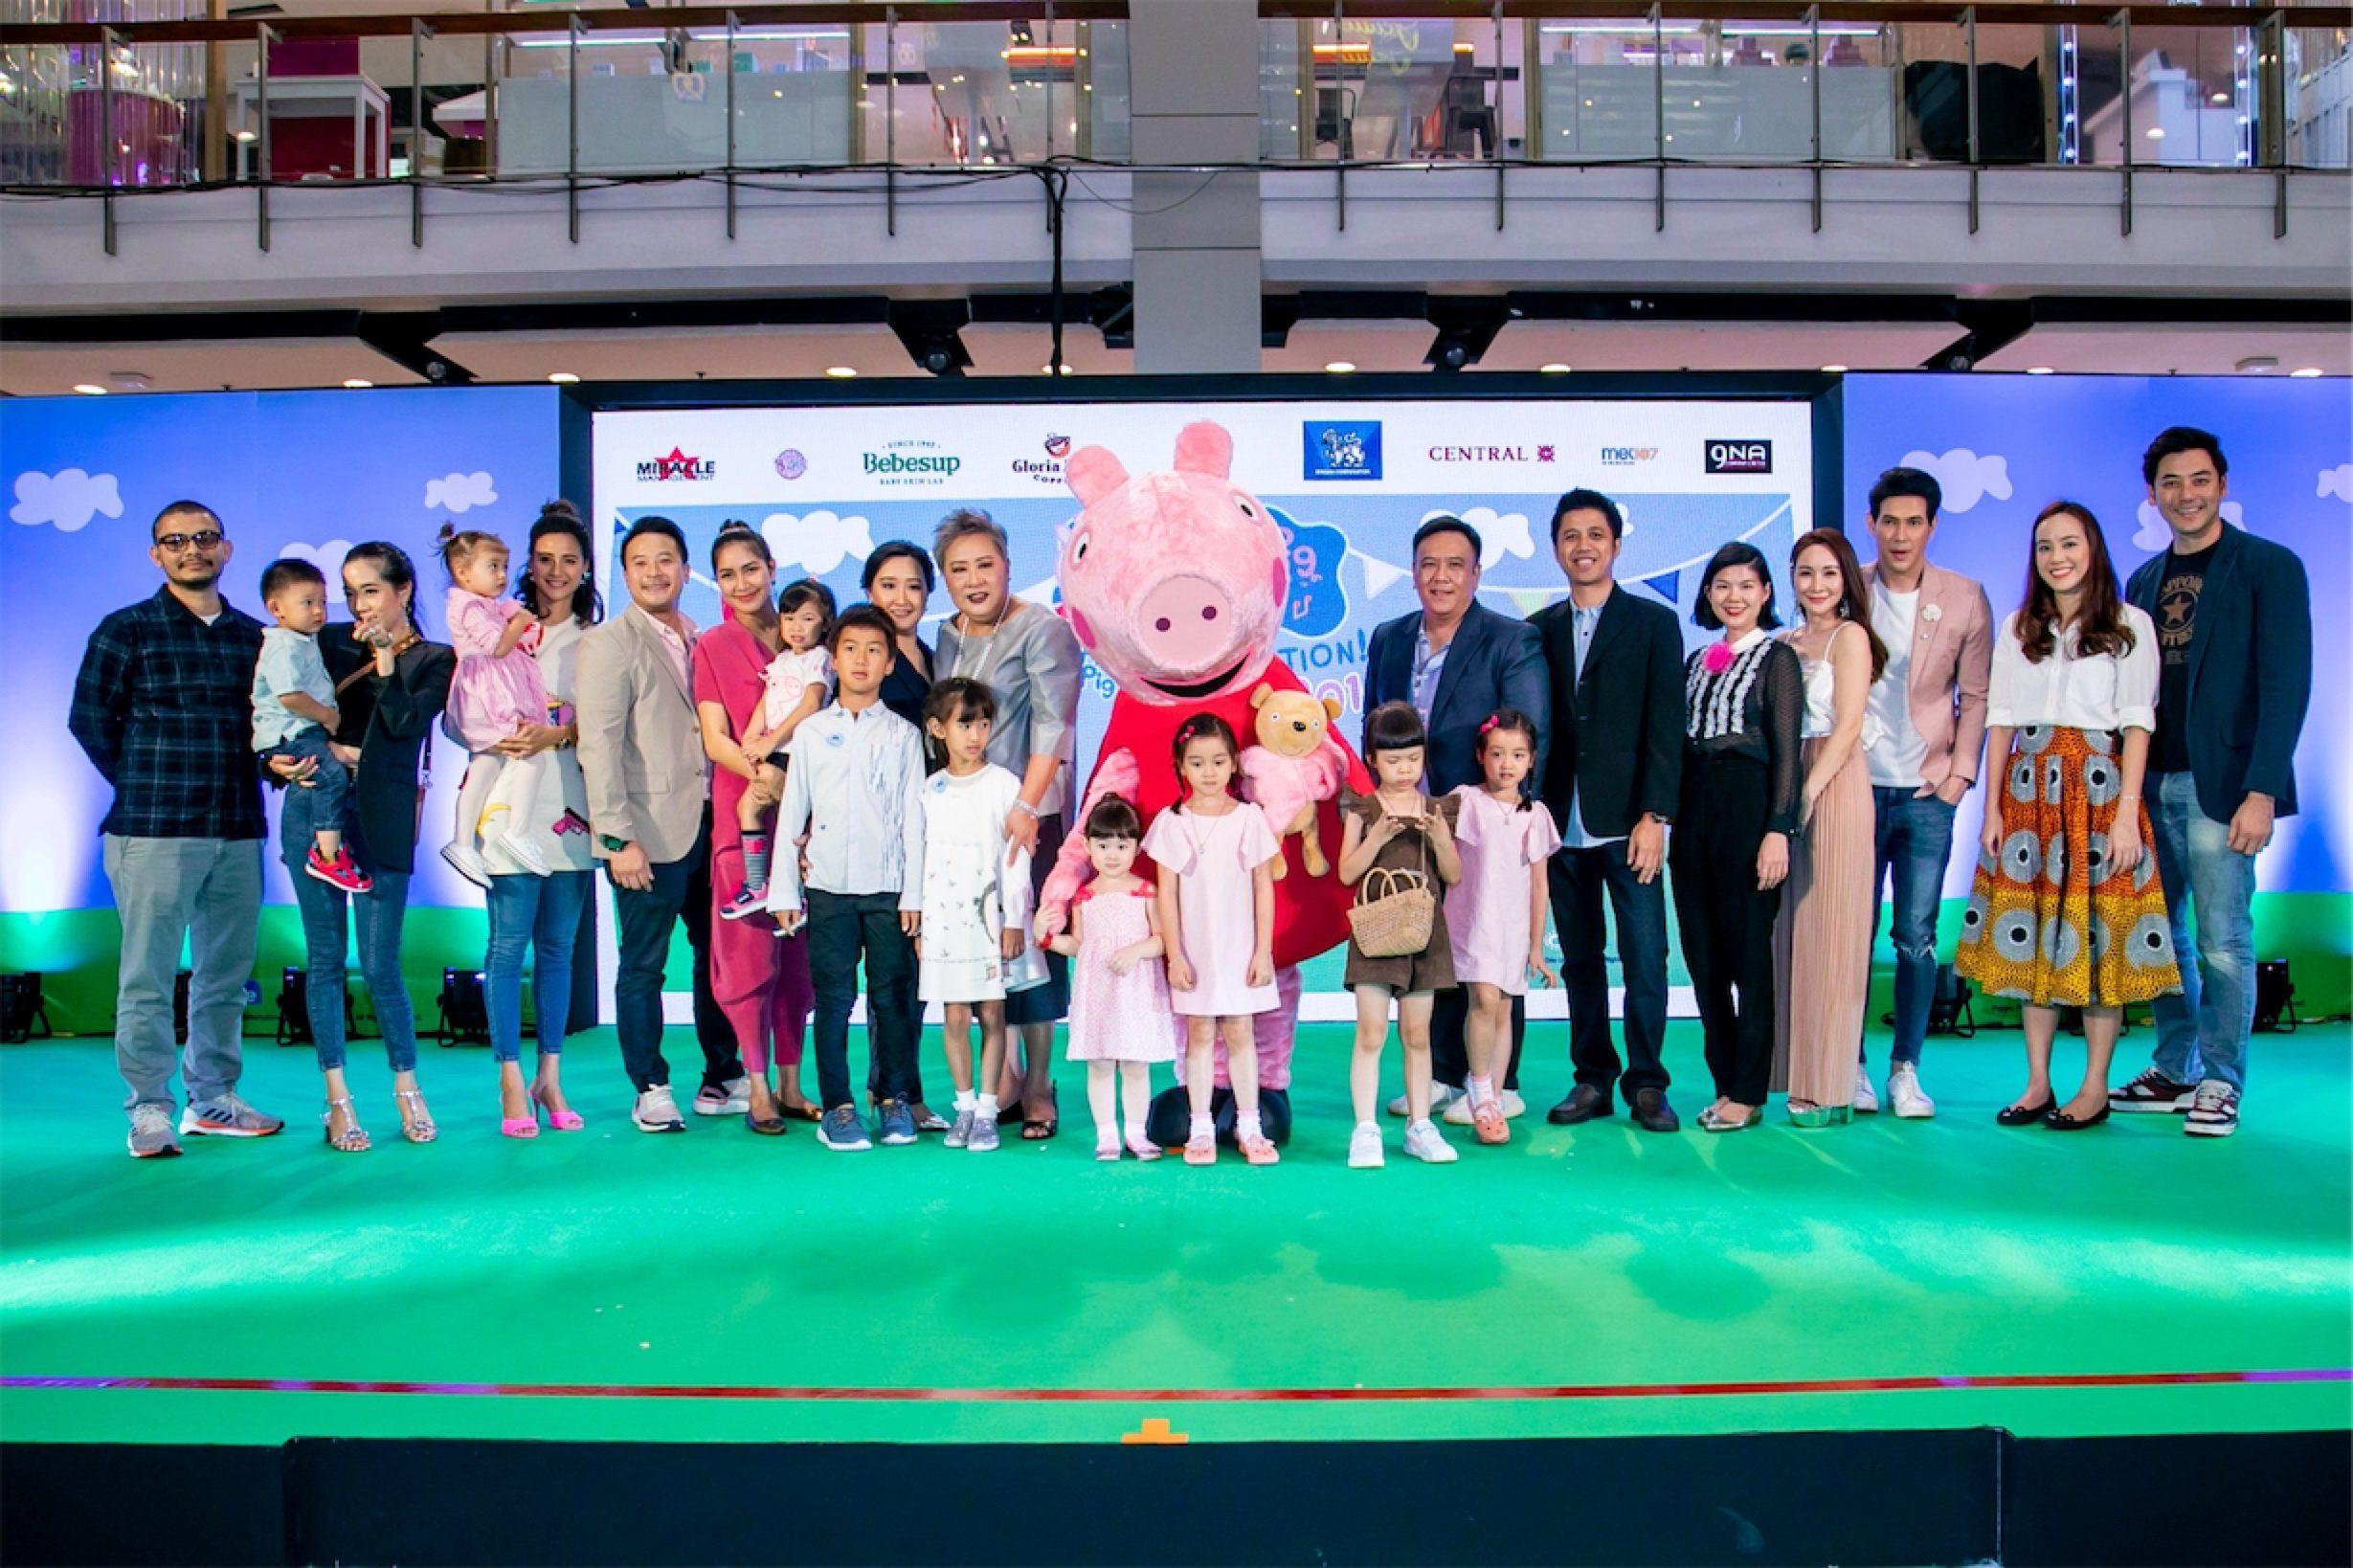 """""""เจจินตัย ควง น้องพลอยเจ"""" ร่วมต้อนรับ """"เปปป้าพิก"""" งานแถลงข่าว PEPPA PIG LIVE CELEBRATION 2019 IN BANGKOK"""